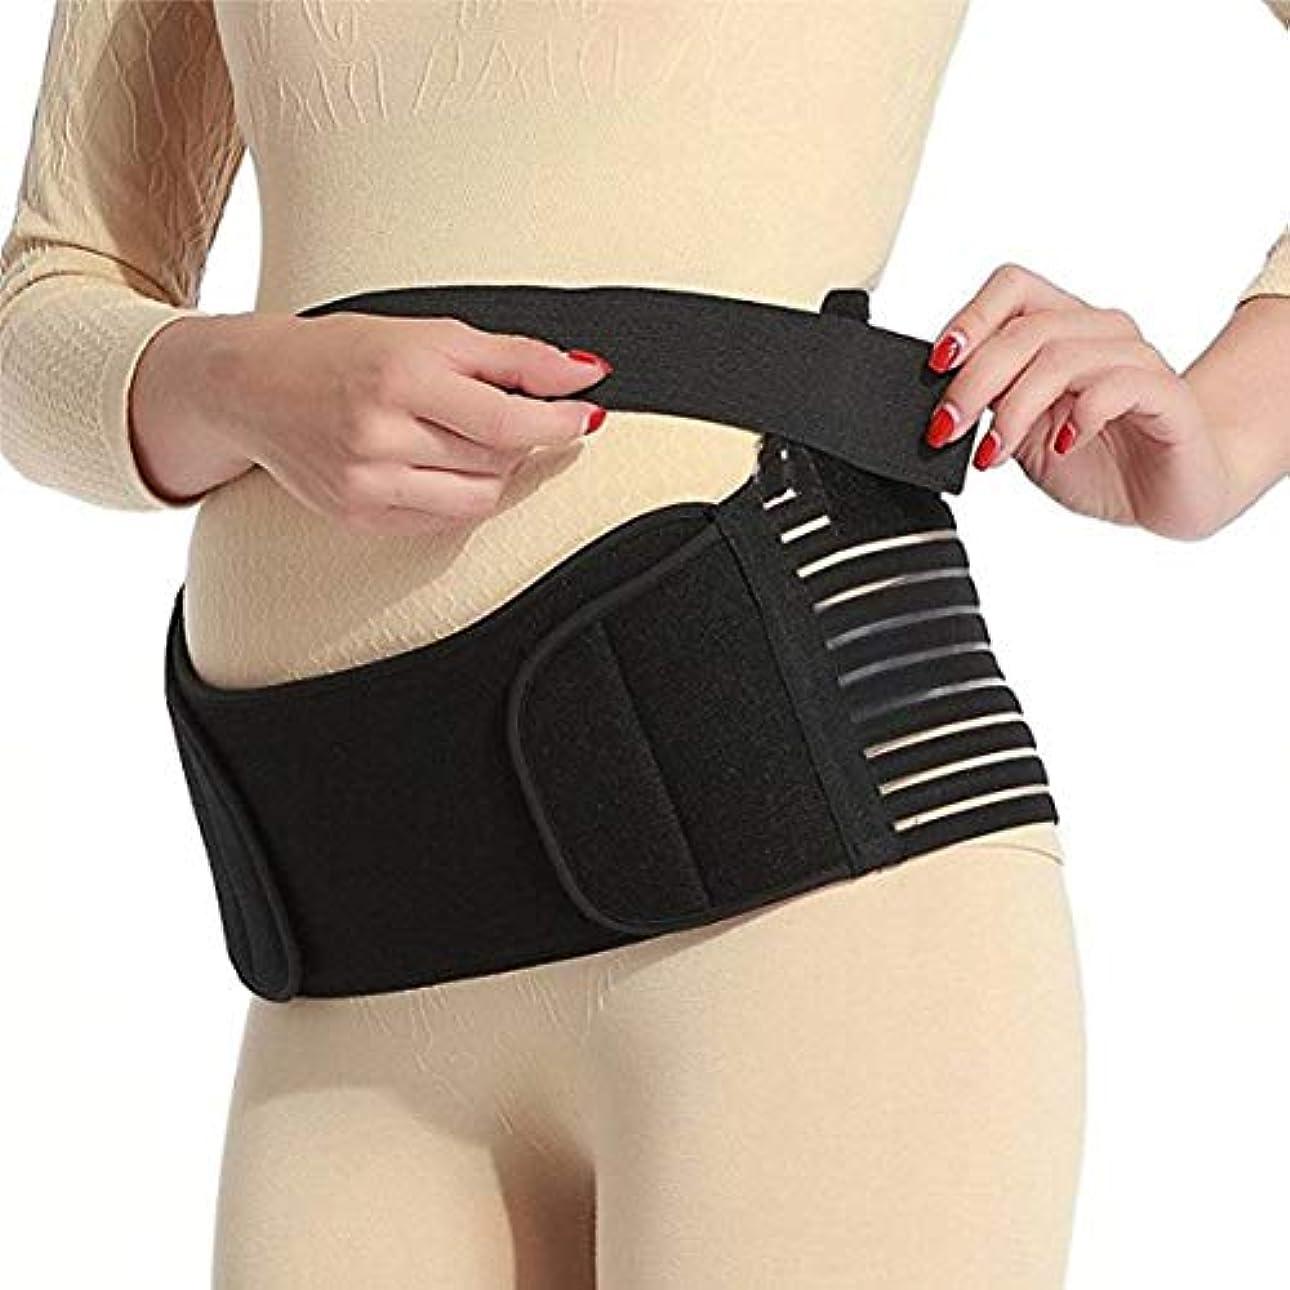 発音する既にキロメートル通気性マタニティベルト妊娠中の腹部サポート腹部バインダーガードル運動包帯産後の回復shapewear - ブラックM